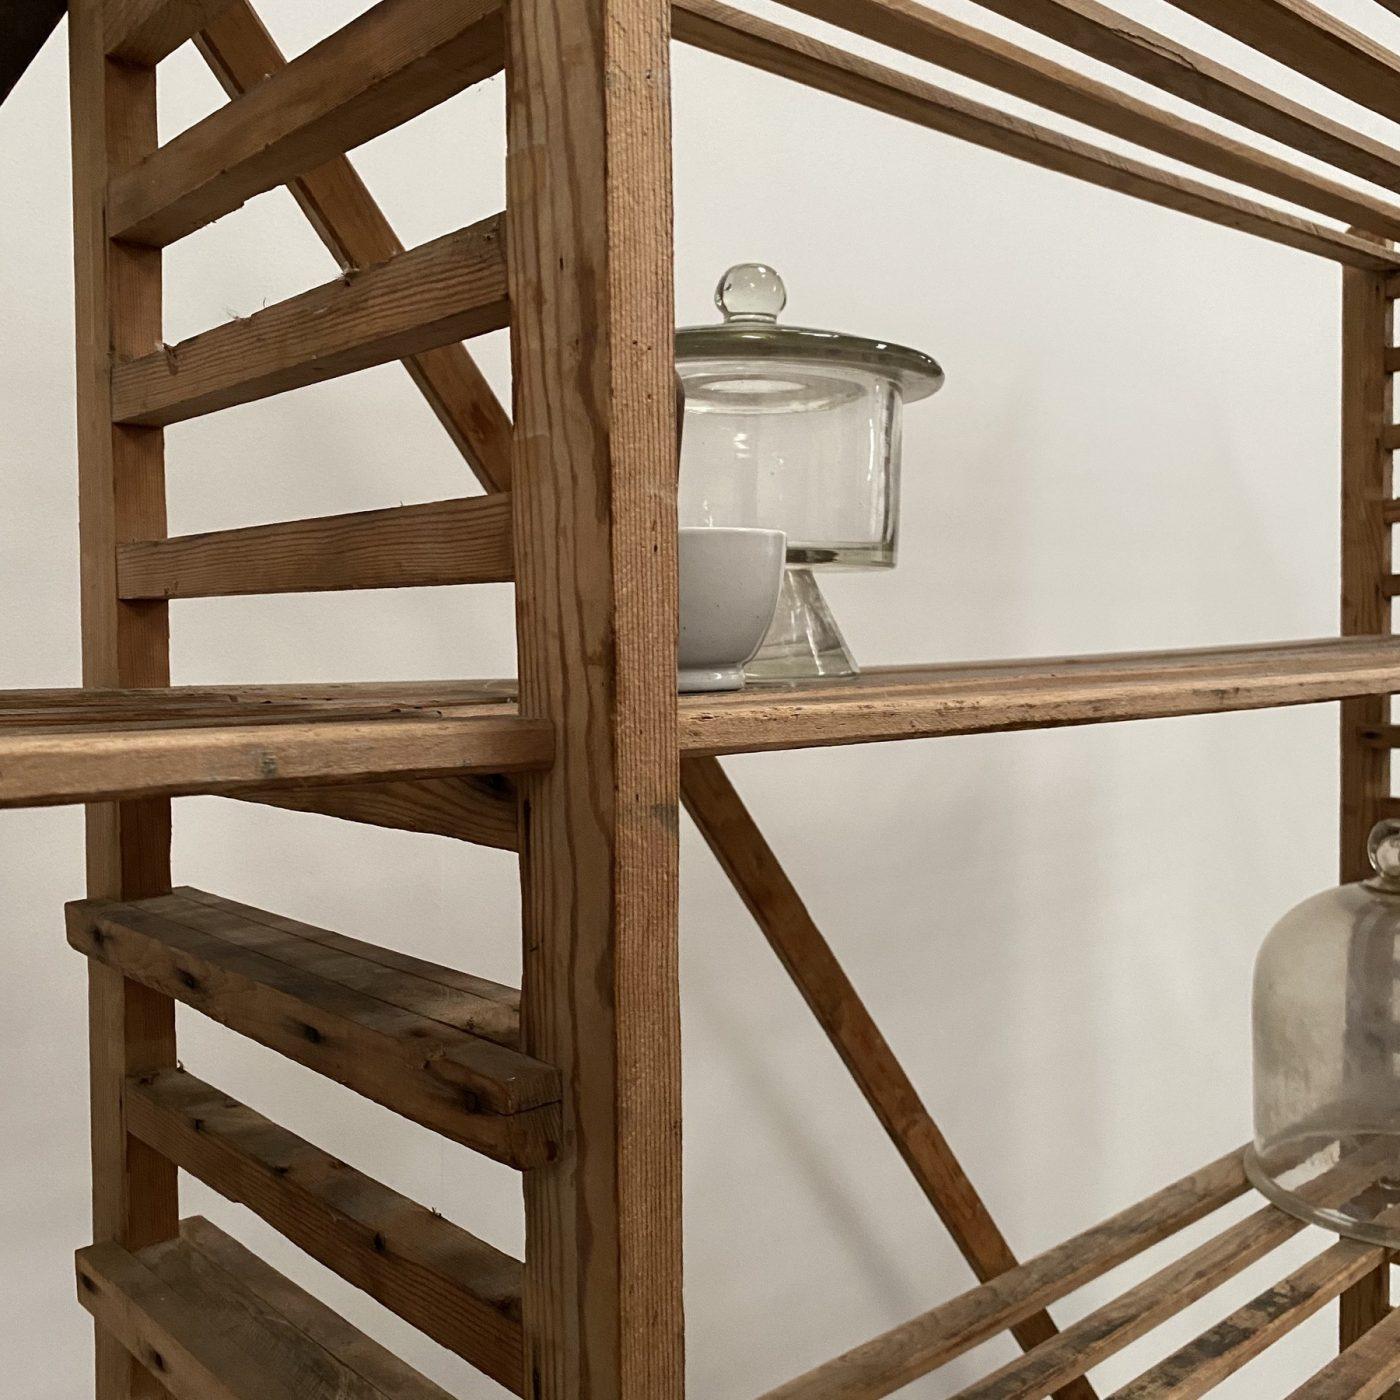 objet-vagabond-bakery-shelve0005